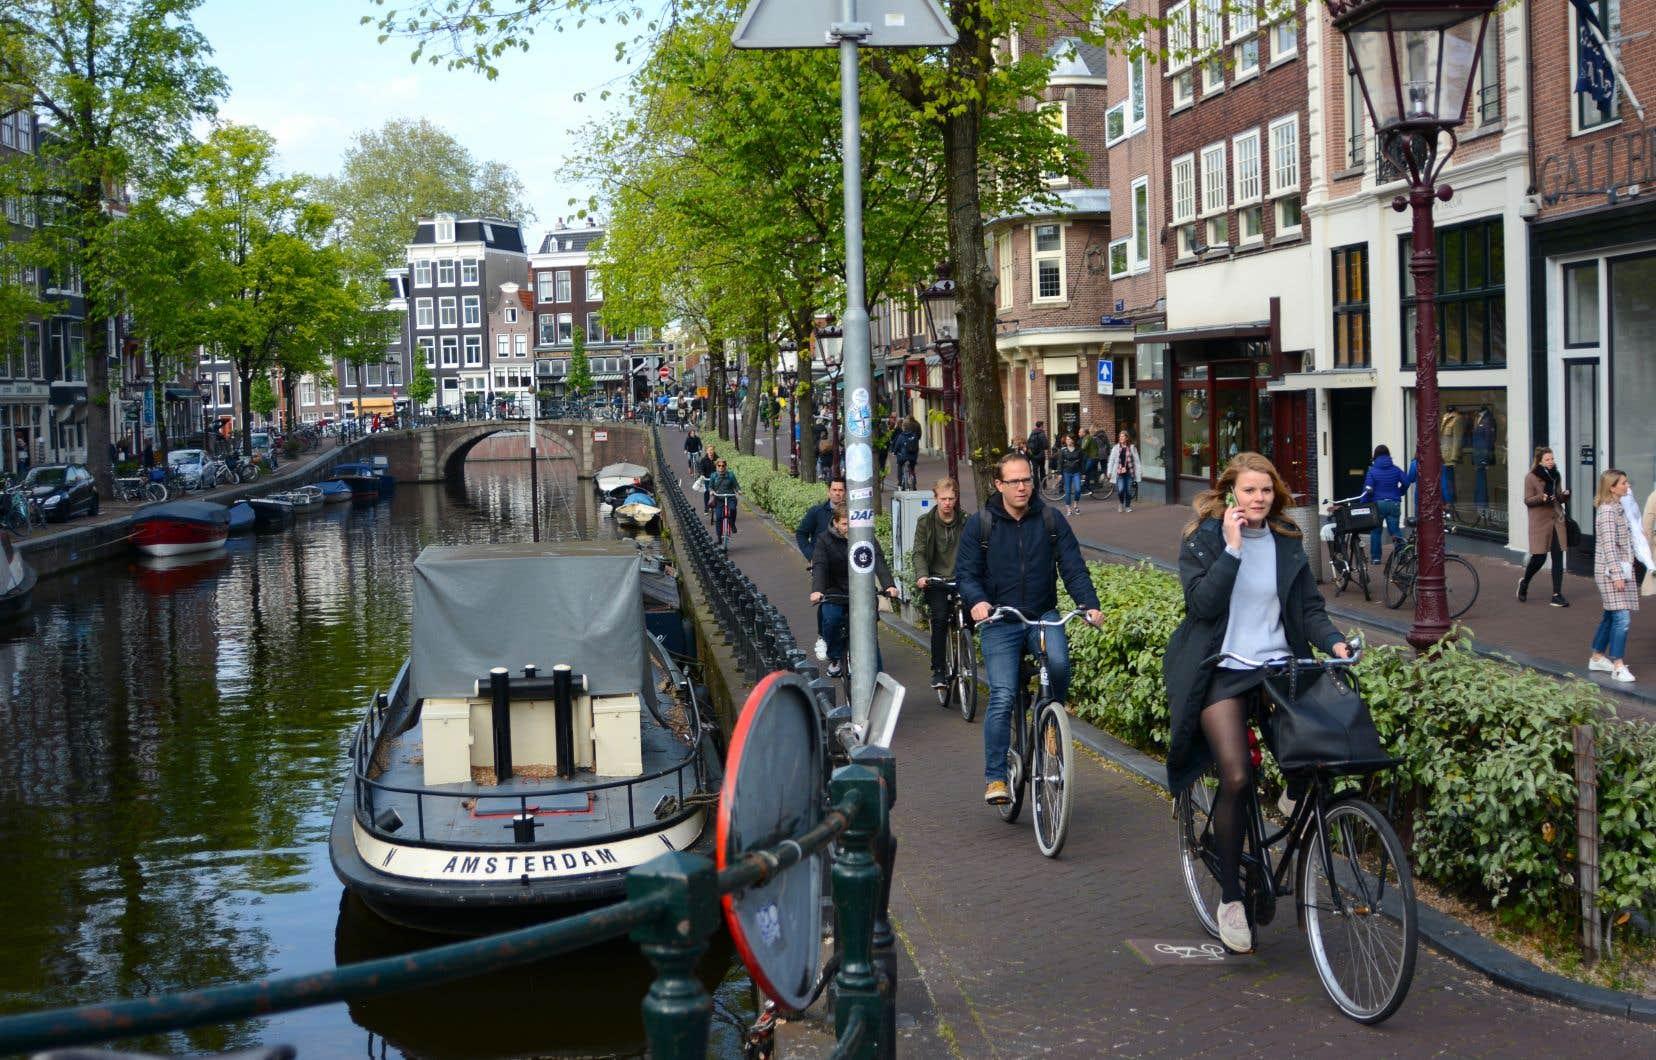 Près de 60% de la population d'Amsterdam âgée de 12ans et plus enfourche un vélo chaque jour, dans un milieu urbain entièrement aménagé pour ce moyen de transport.